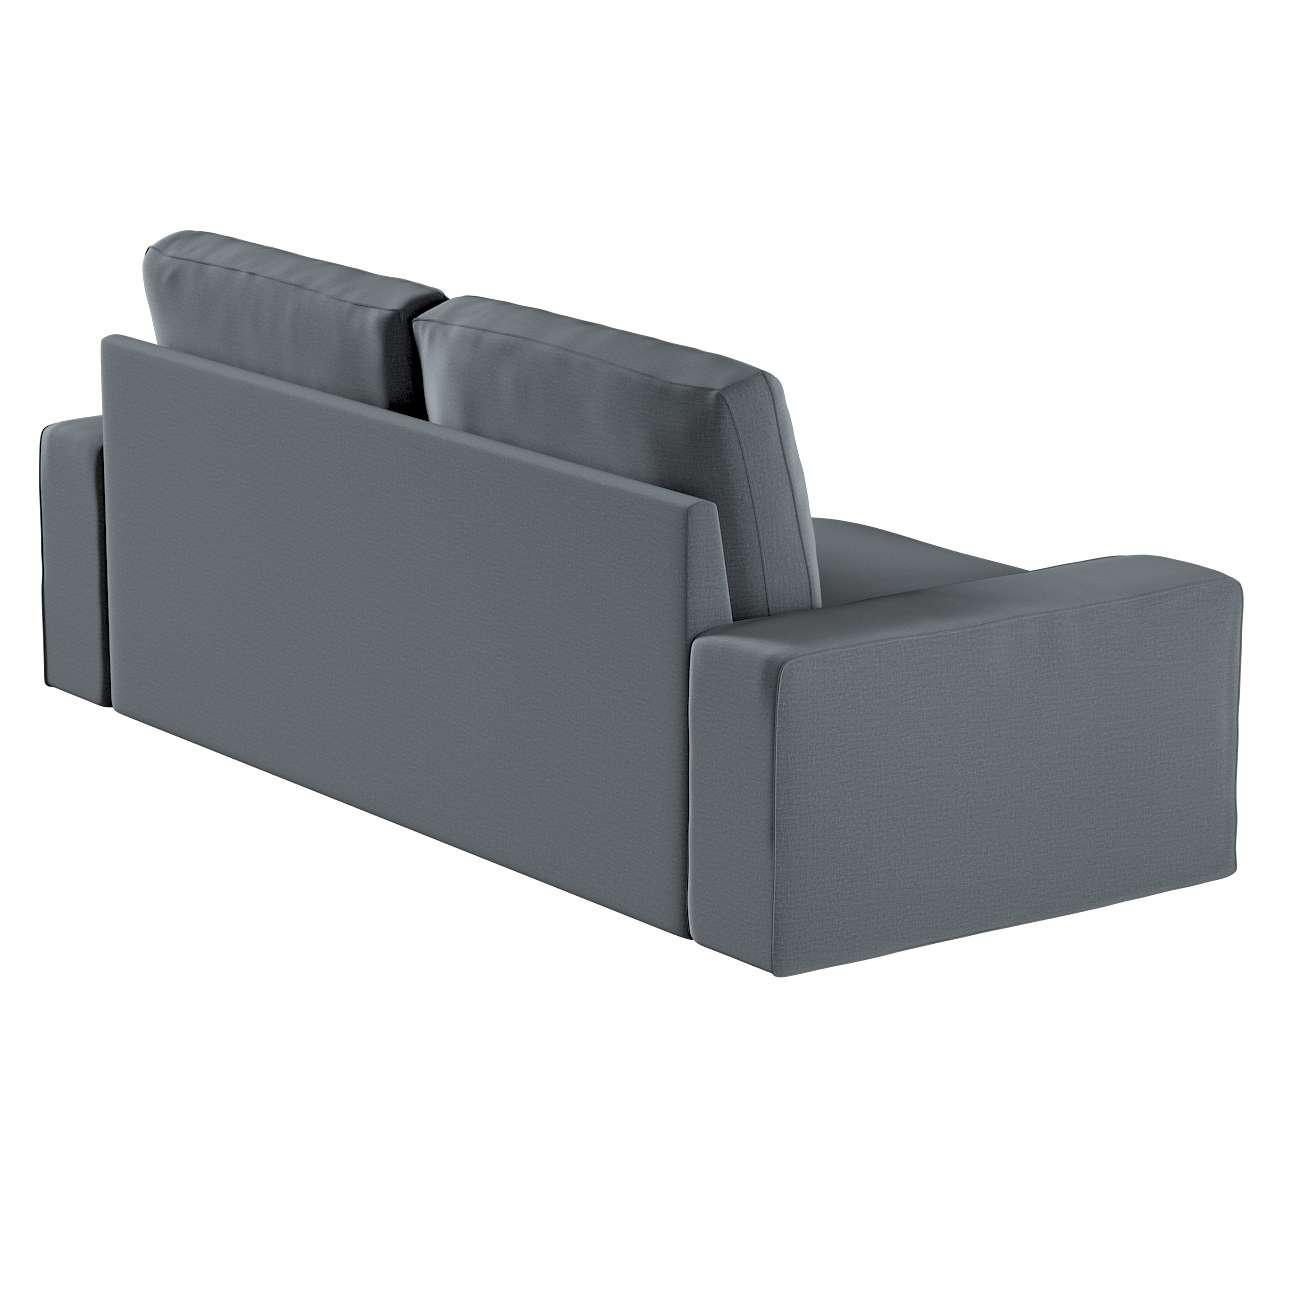 Pokrowiec na sofę Kivik 3-osobową, rozkładaną w kolekcji Ingrid, tkanina: 705-43